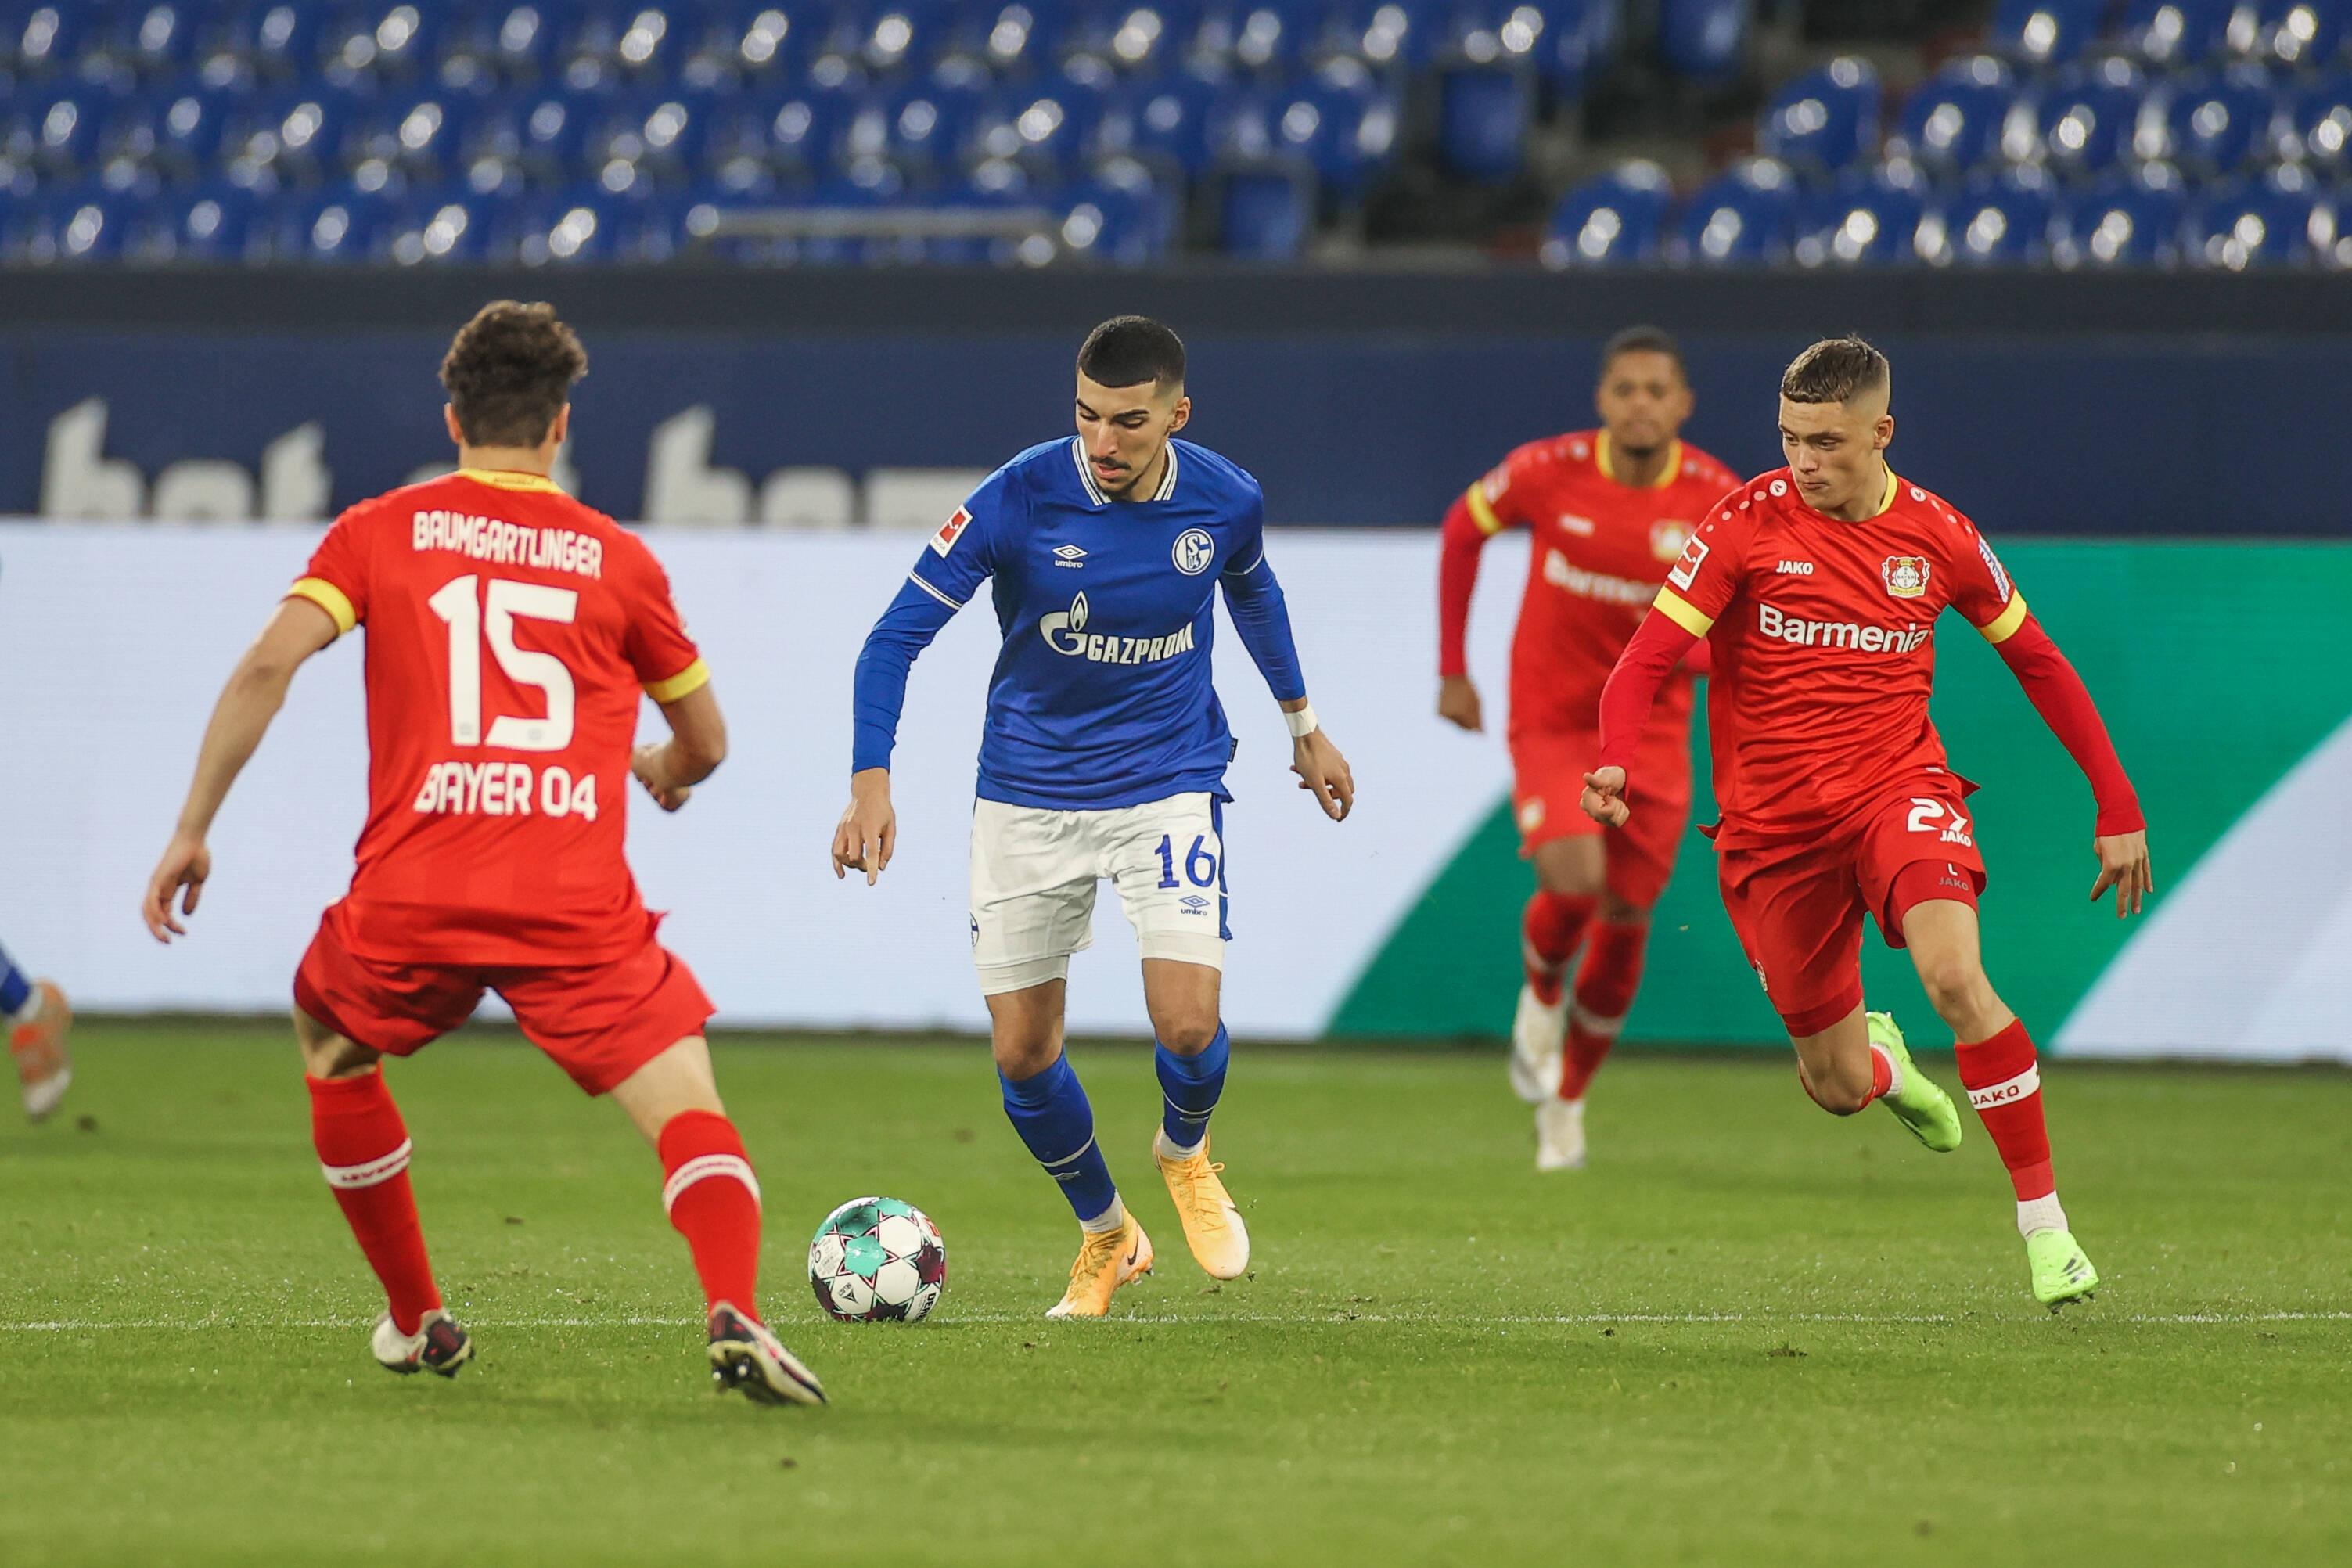 Schalke Leverkusen Live Stream Free